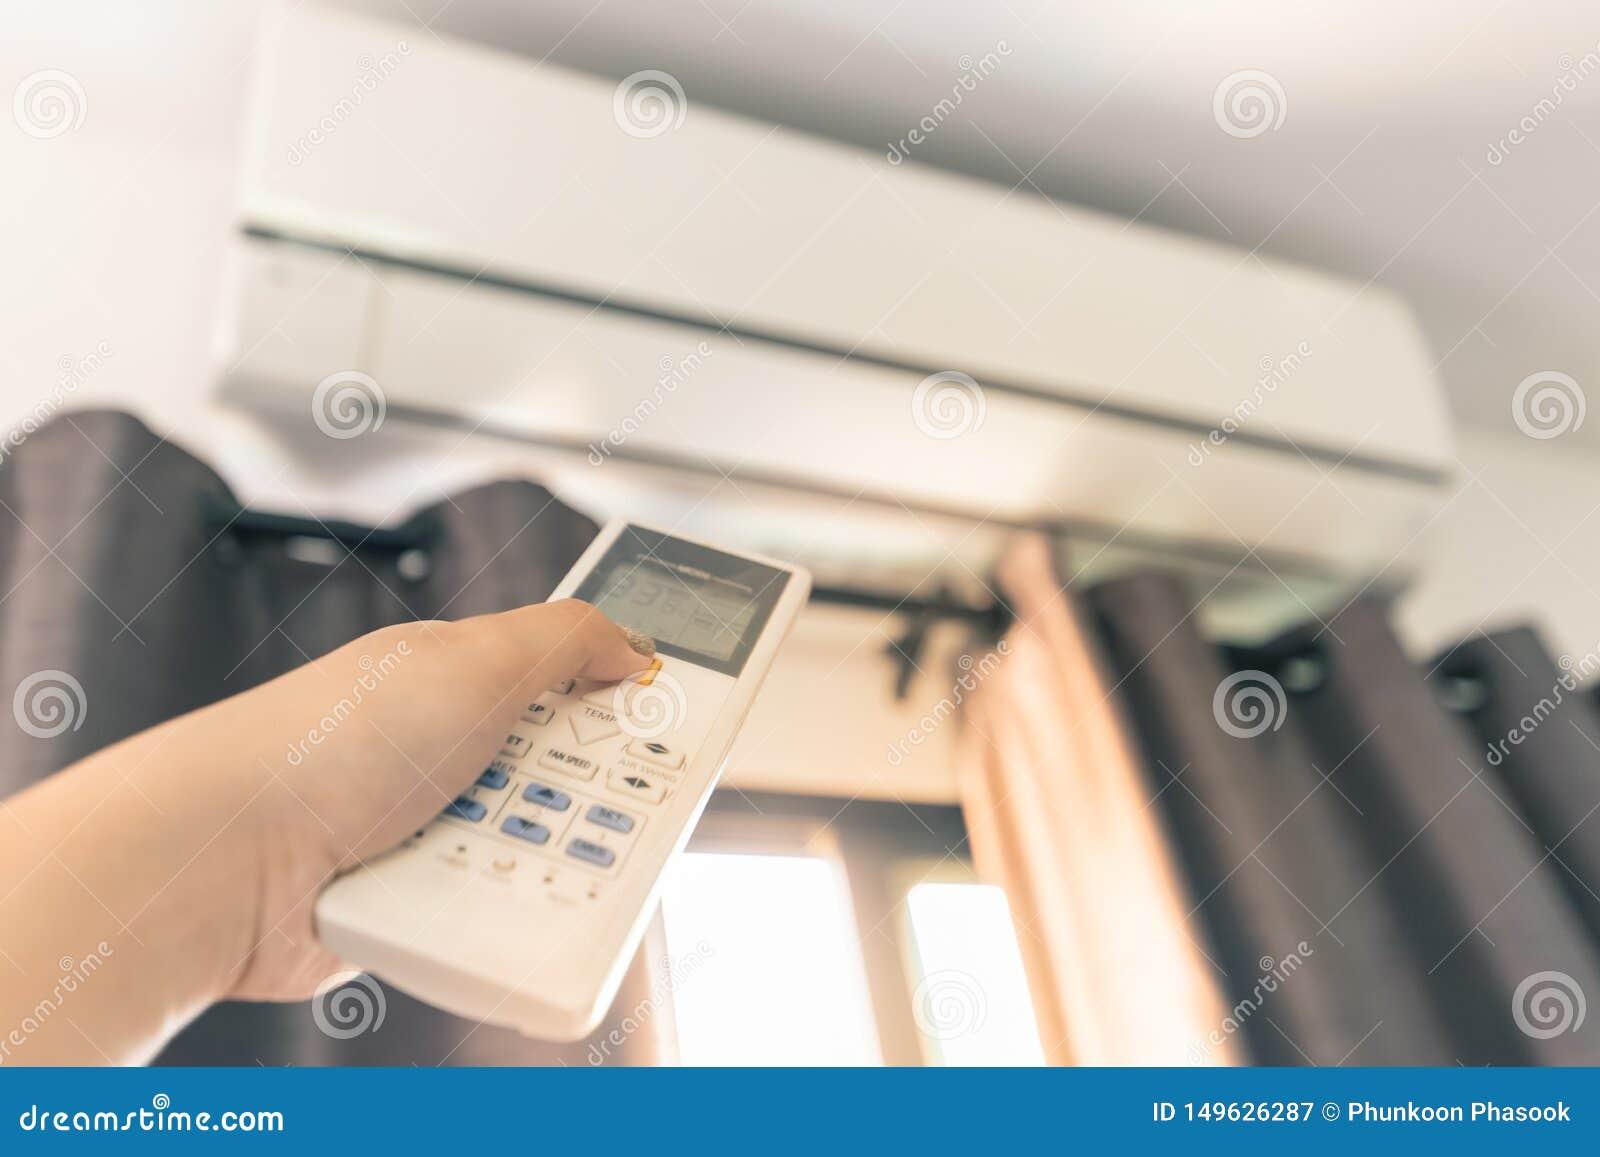 Gebruik de Afstandsbediening om de Airconditioner aan te zetten